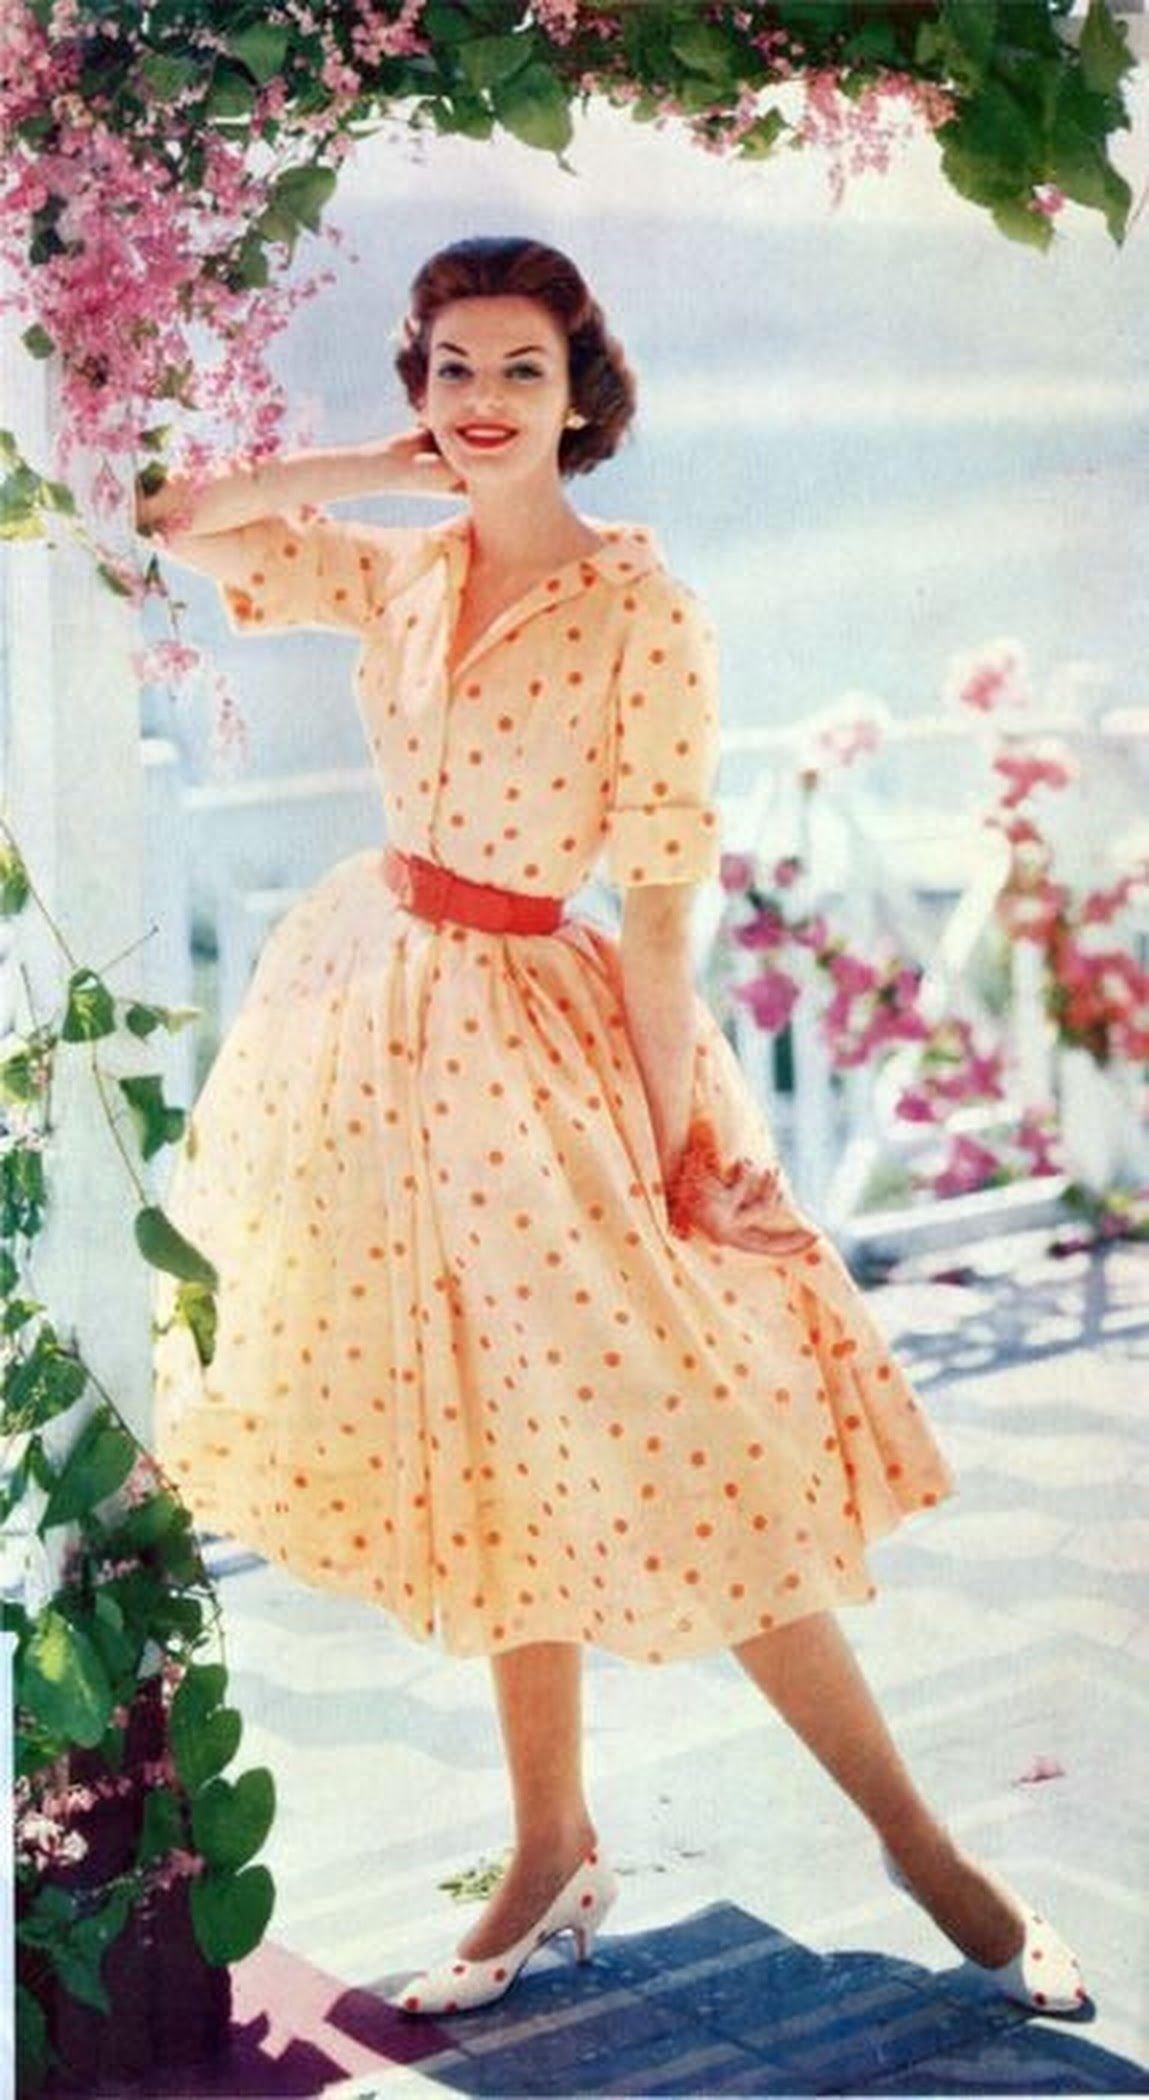 где купить платье 60 годов